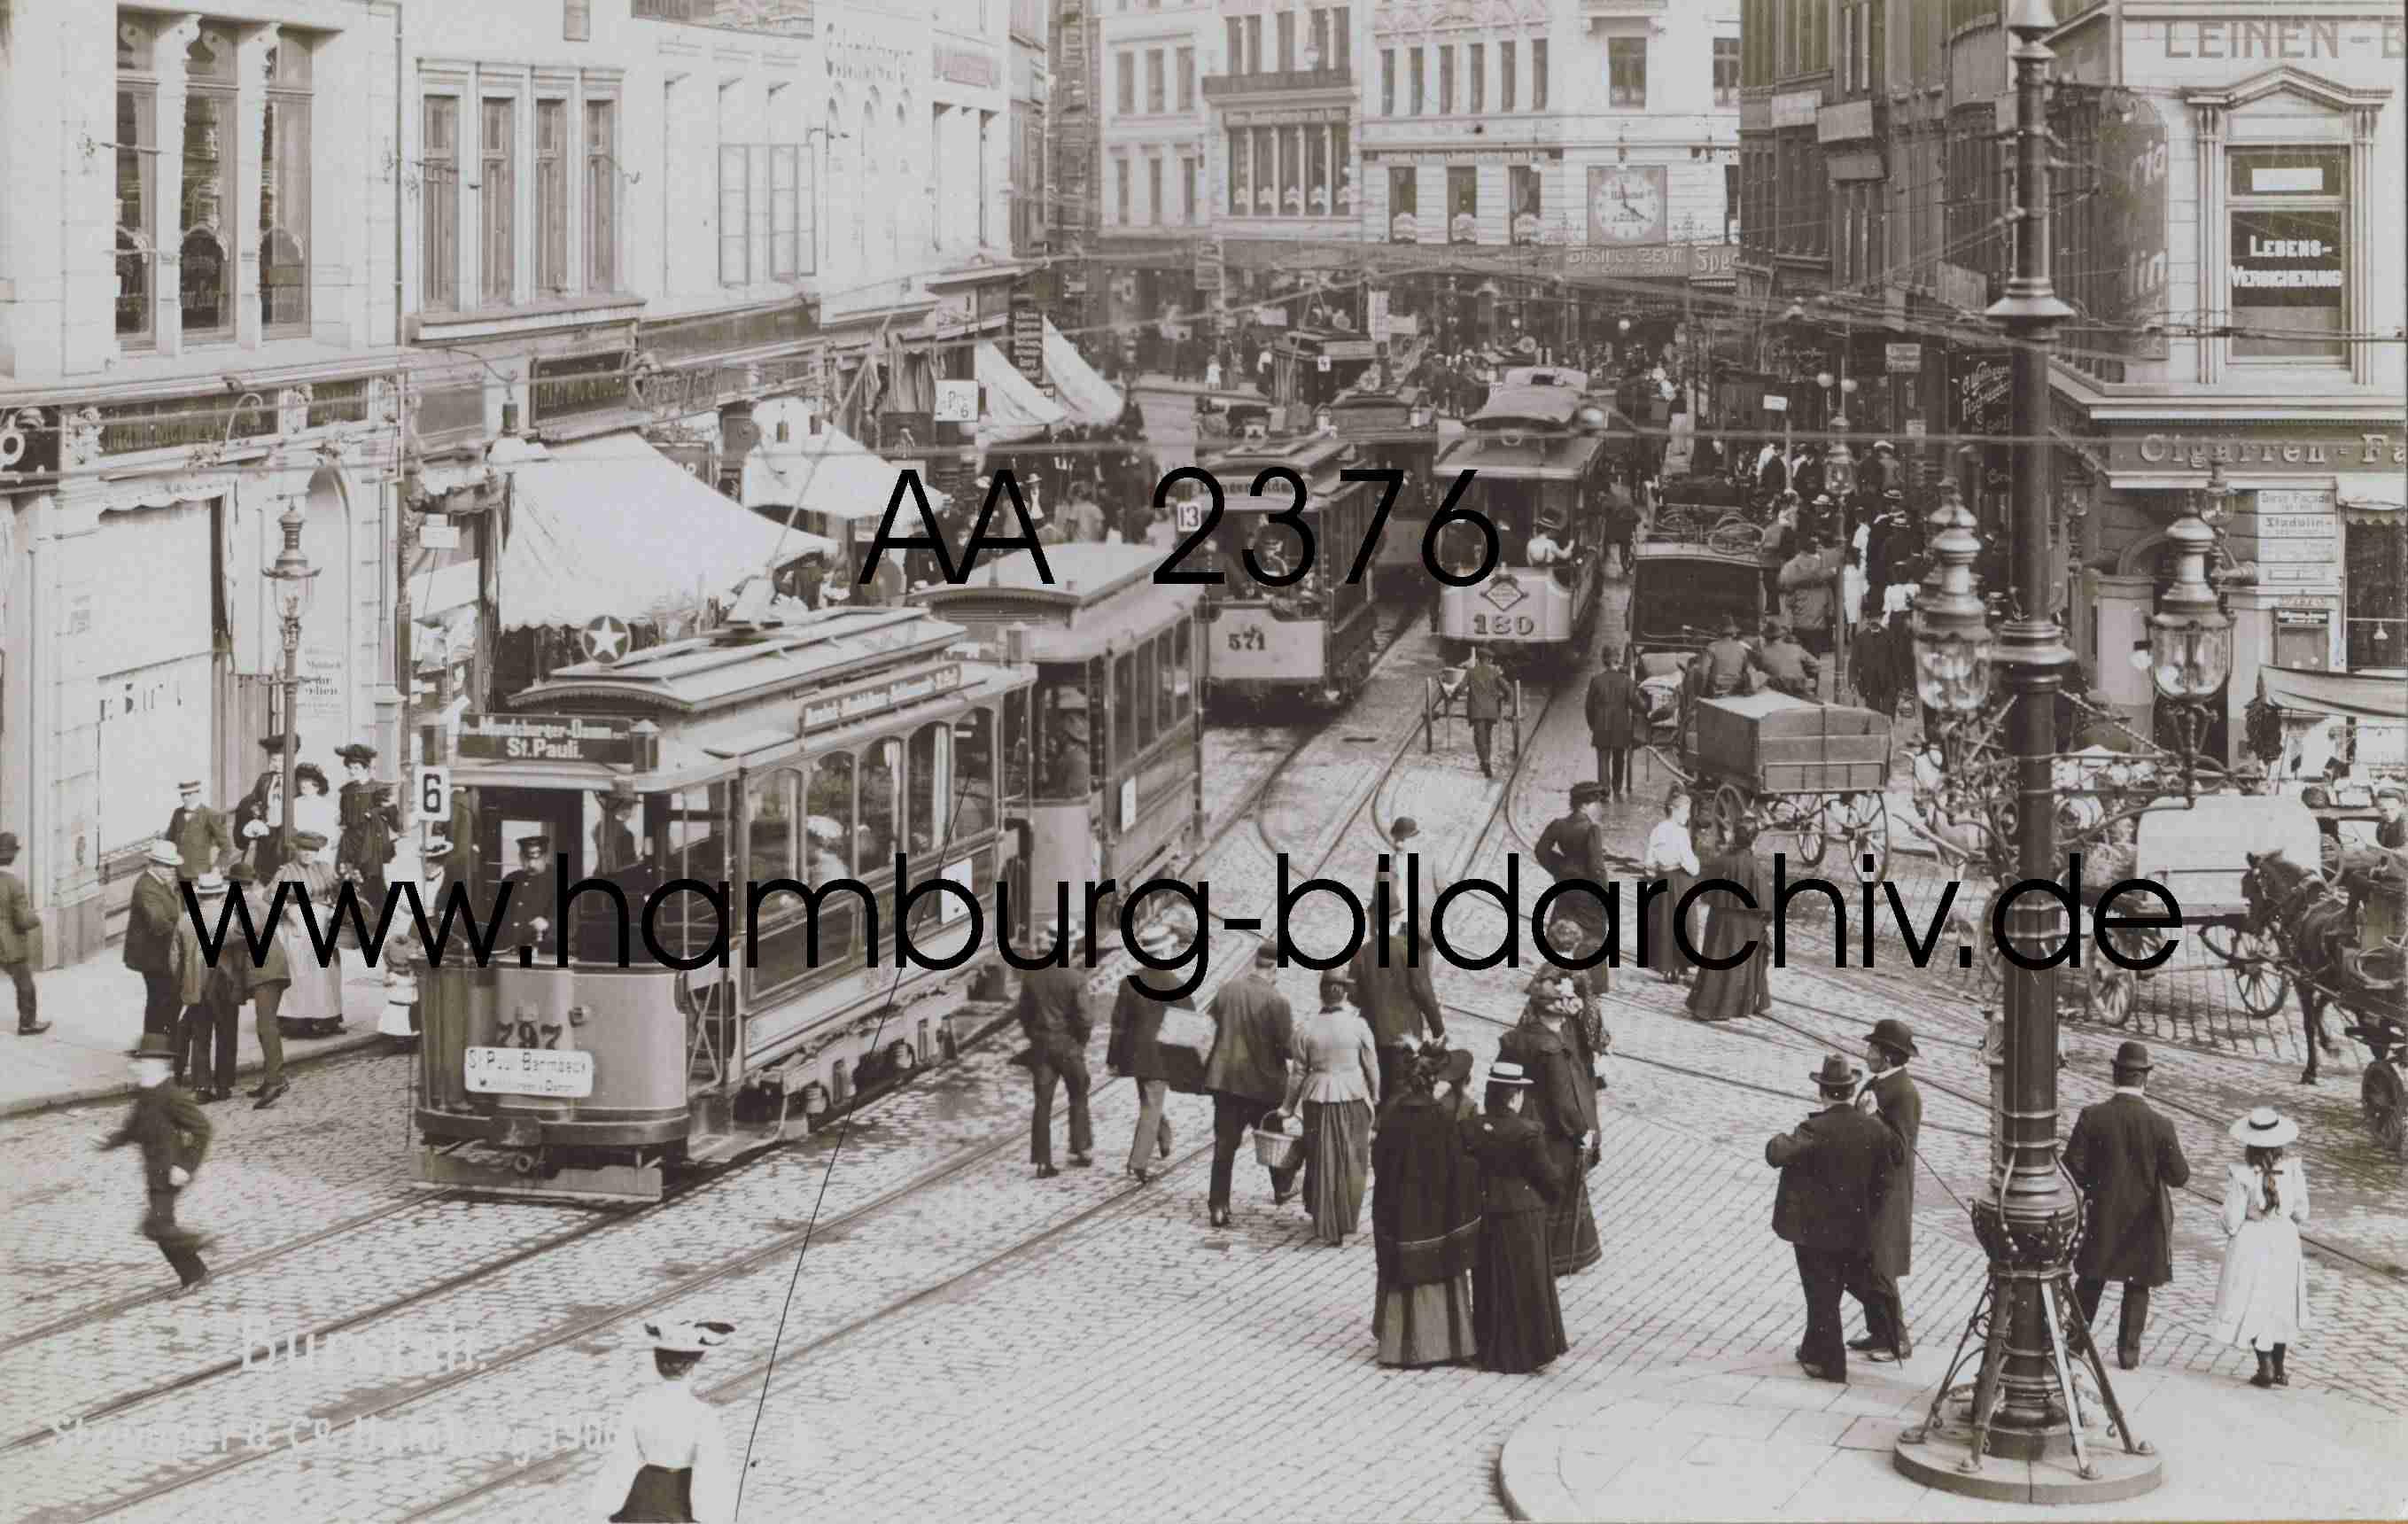 ecke adolphsplatz hamburg